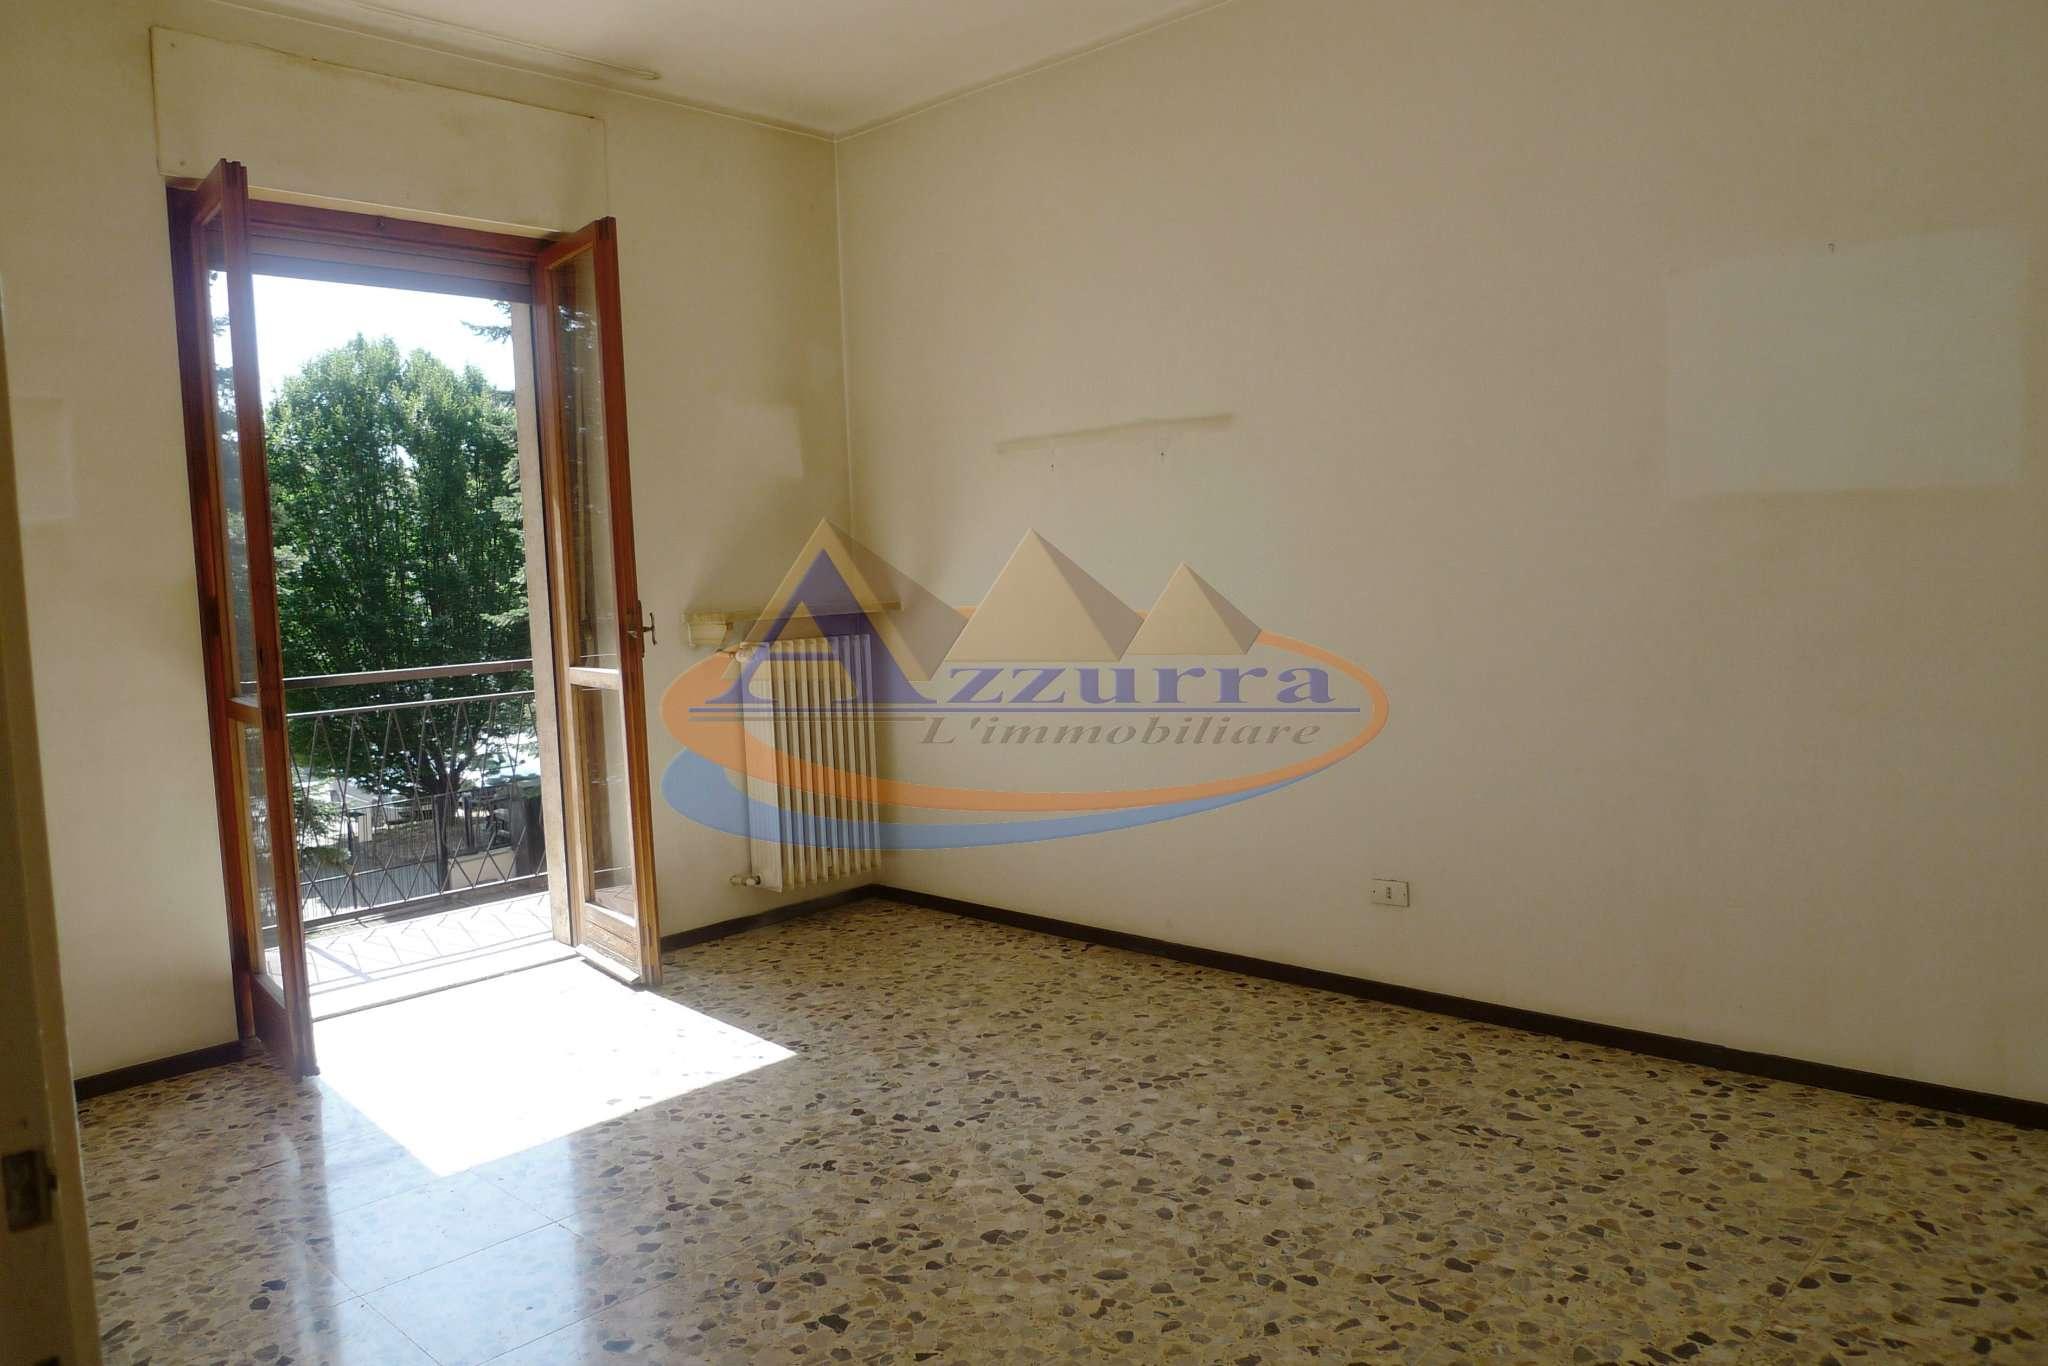 Appartamento in vendita a Alessandria, 3 locali, prezzo € 38.000 | CambioCasa.it